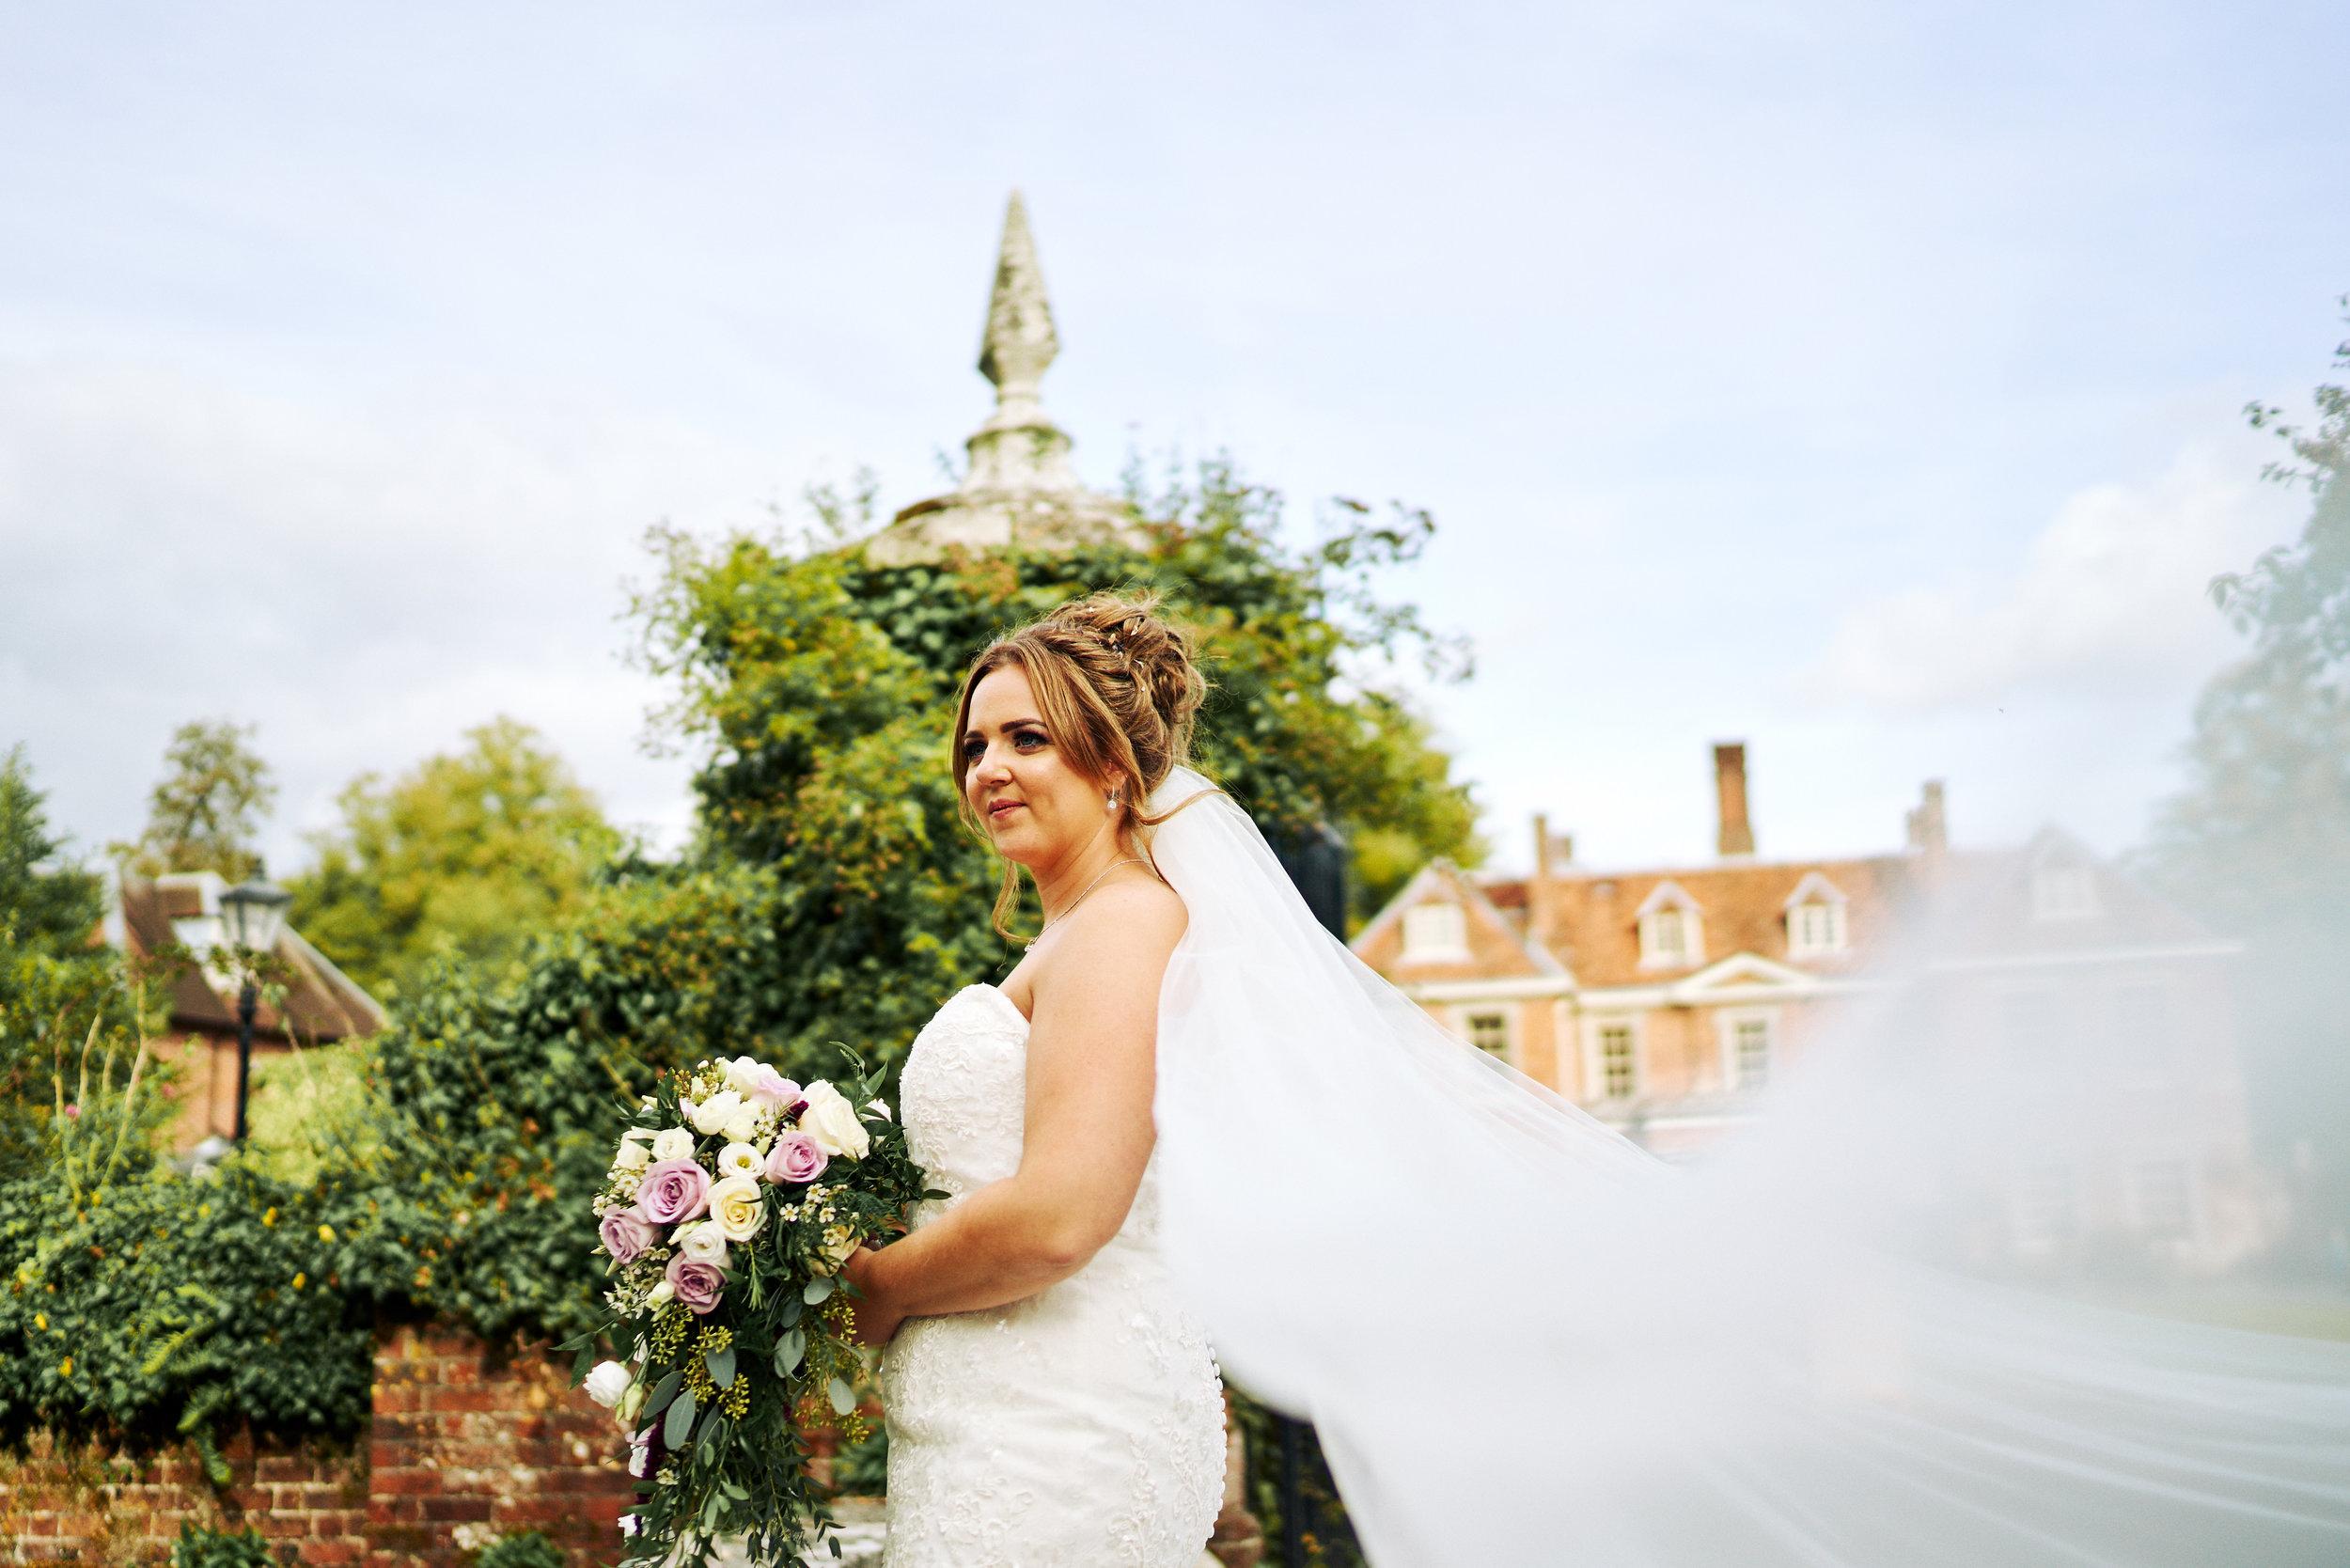 Sian Ben Wedding Lainston House at Lainston House Sparshot on 15 September 2018.